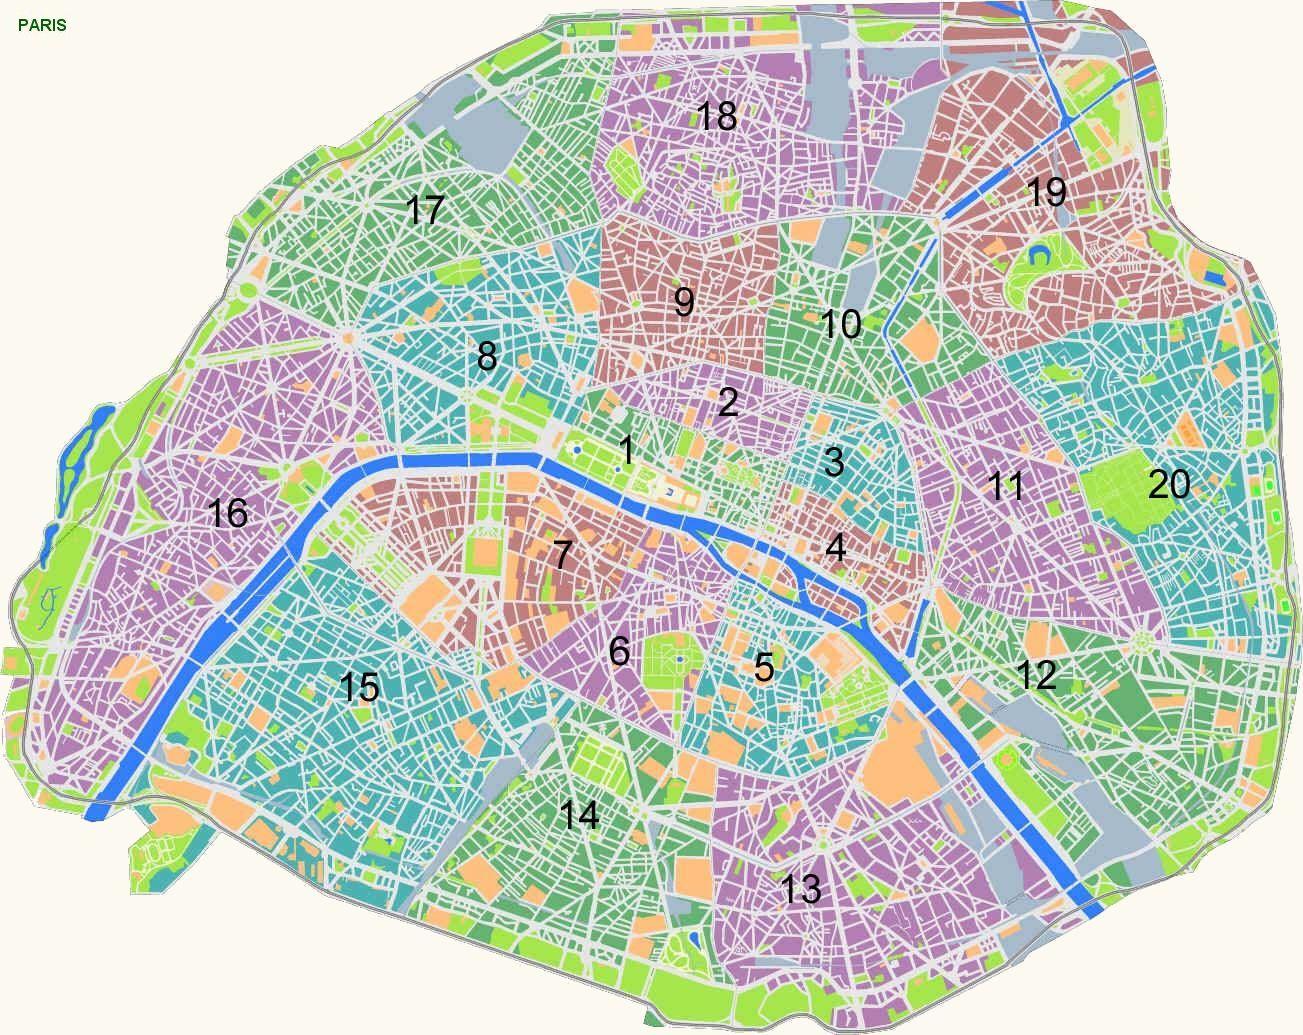 Metro map plan du metro bus map plan des bus rer map plan du rer e